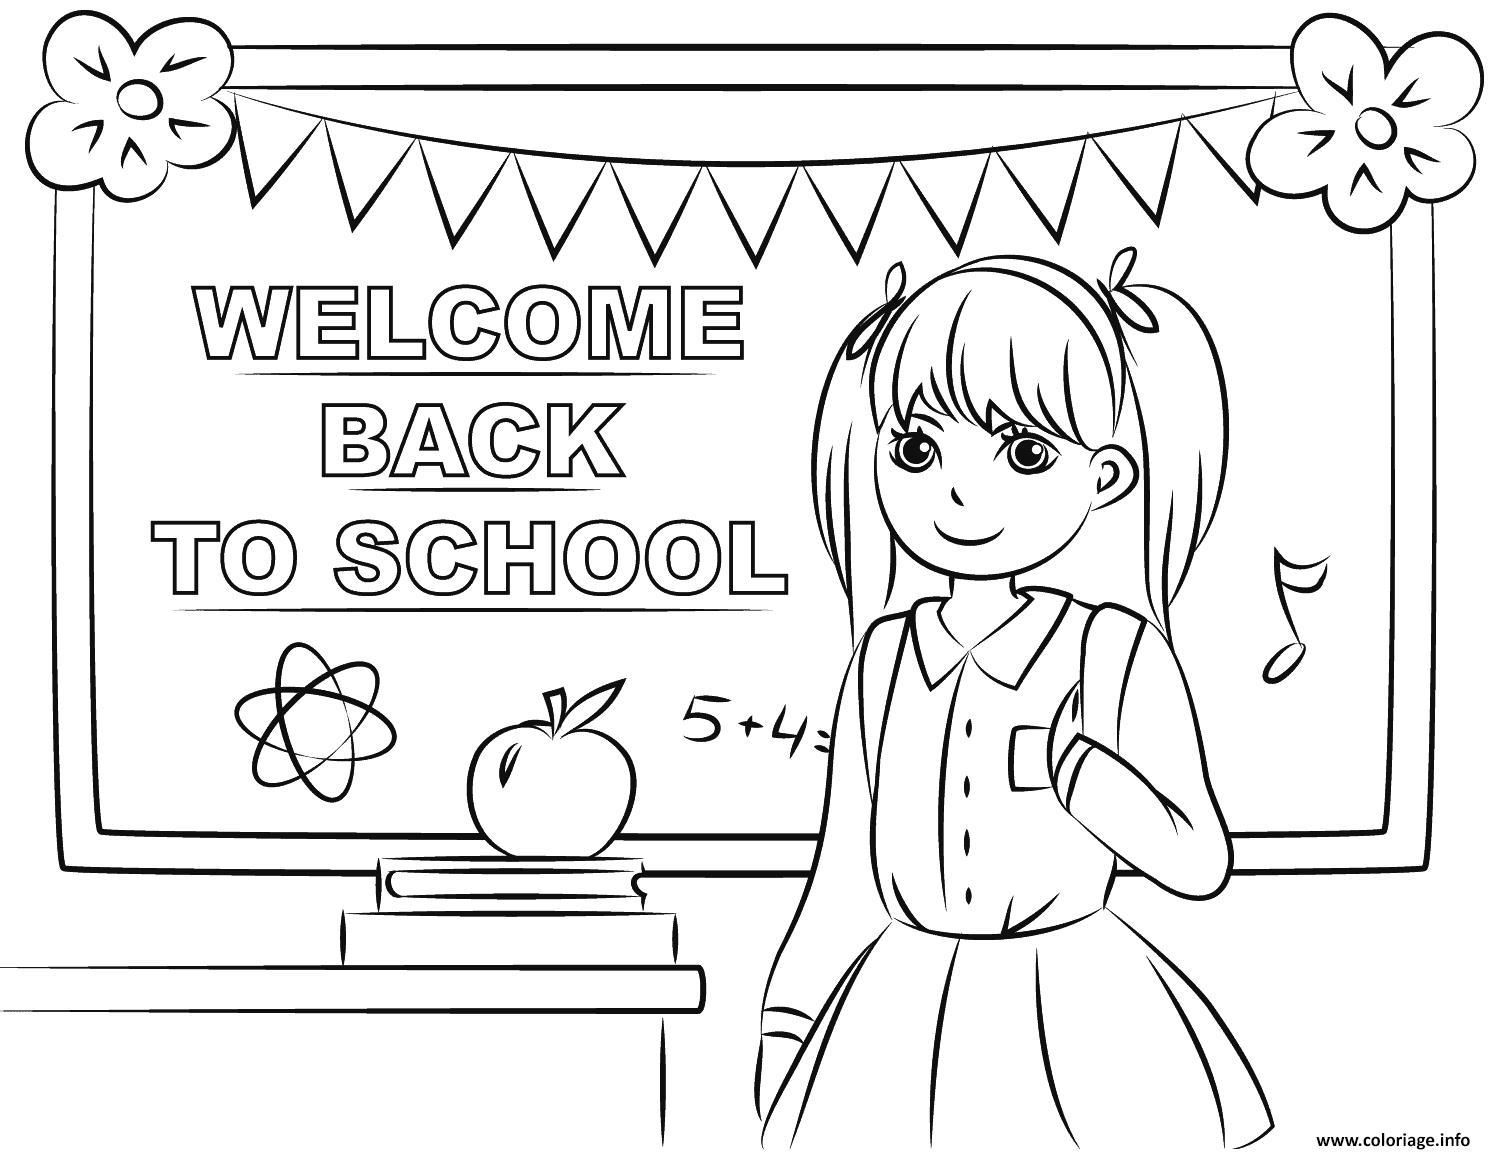 Dessin bienvenue a la rentree scolaire Coloriage Gratuit à Imprimer